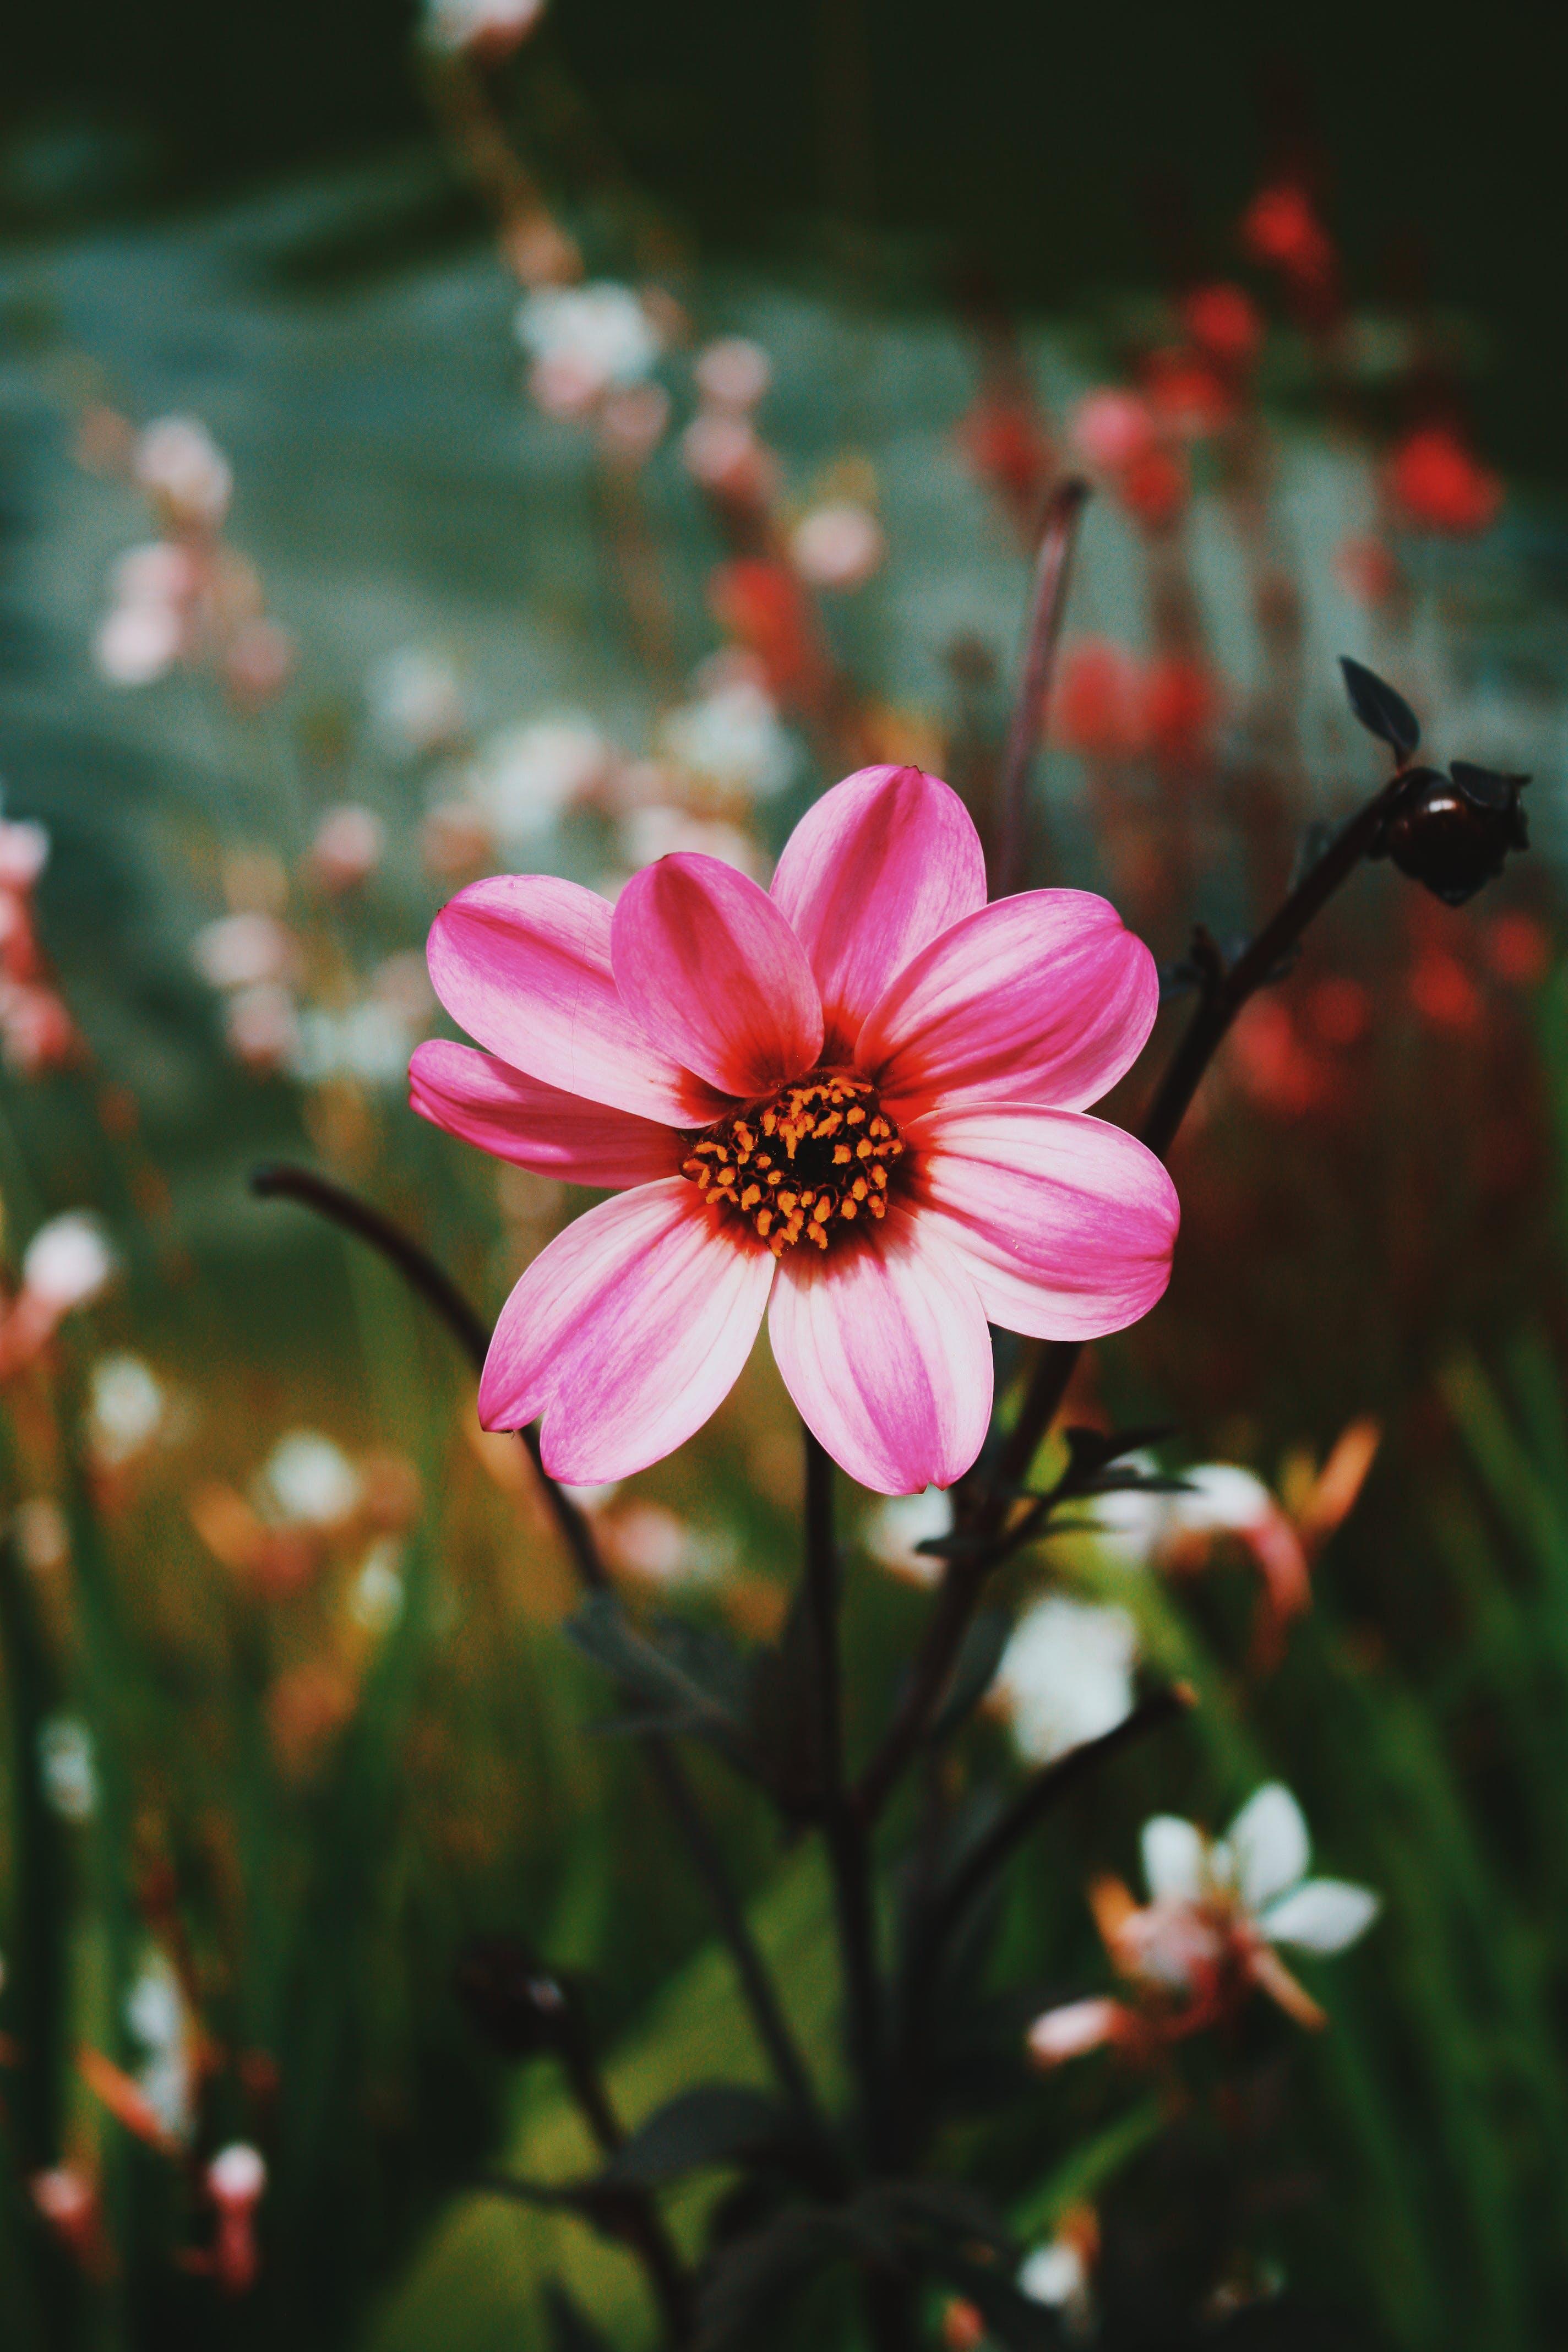 Pink Dahlia Flowers in Bloom